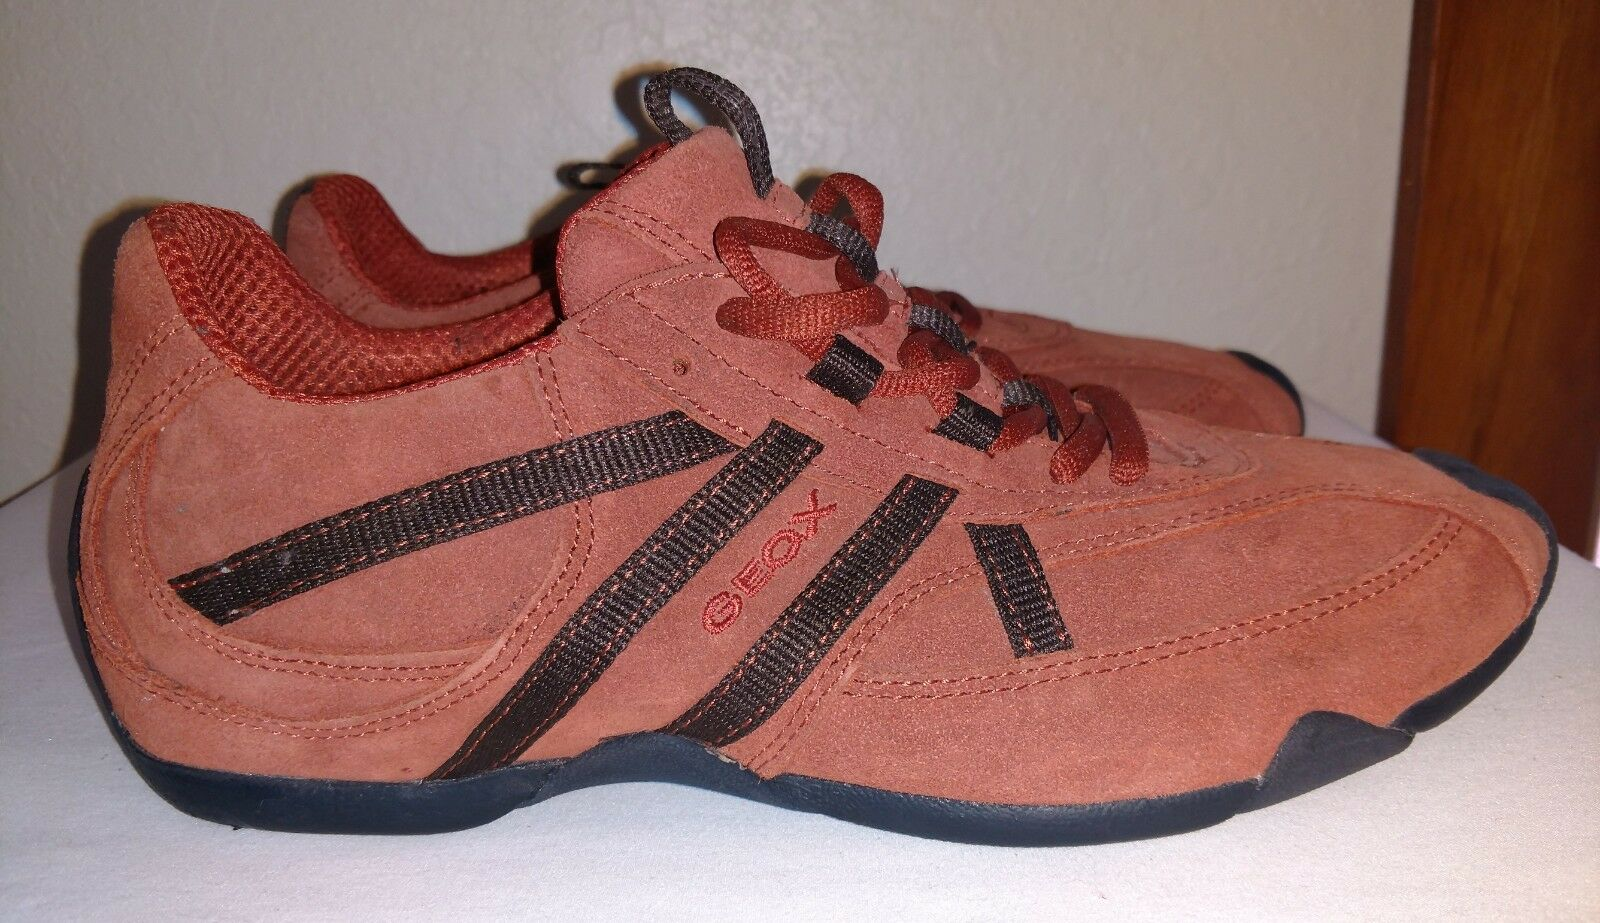 Nuevas Tenis para Hombre Geox Respira naranja marrón gamuza cuero zapatos talla 10 10.5 UE 41